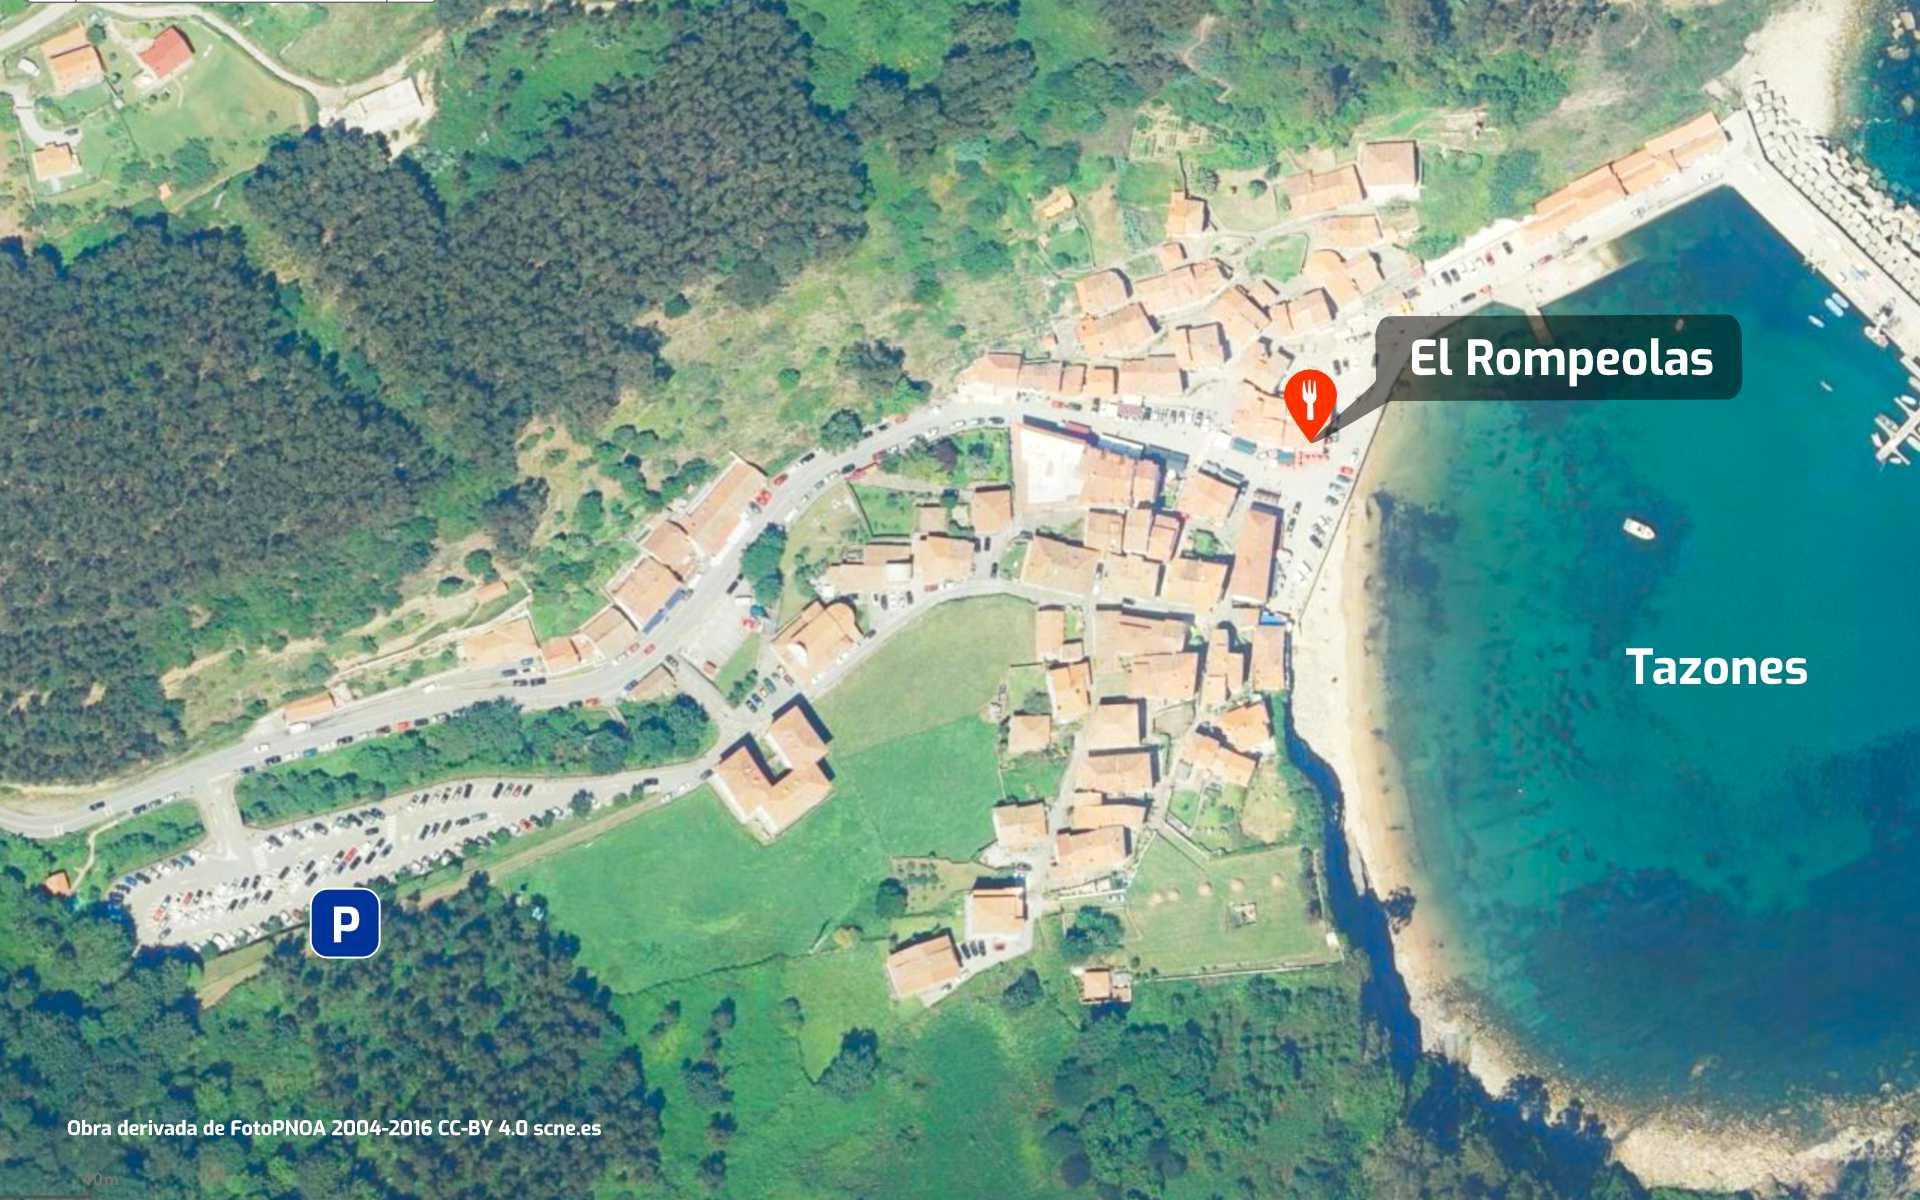 Mapa de cómo llegar al restaurante El Rompeolas de Tazones, Asturias